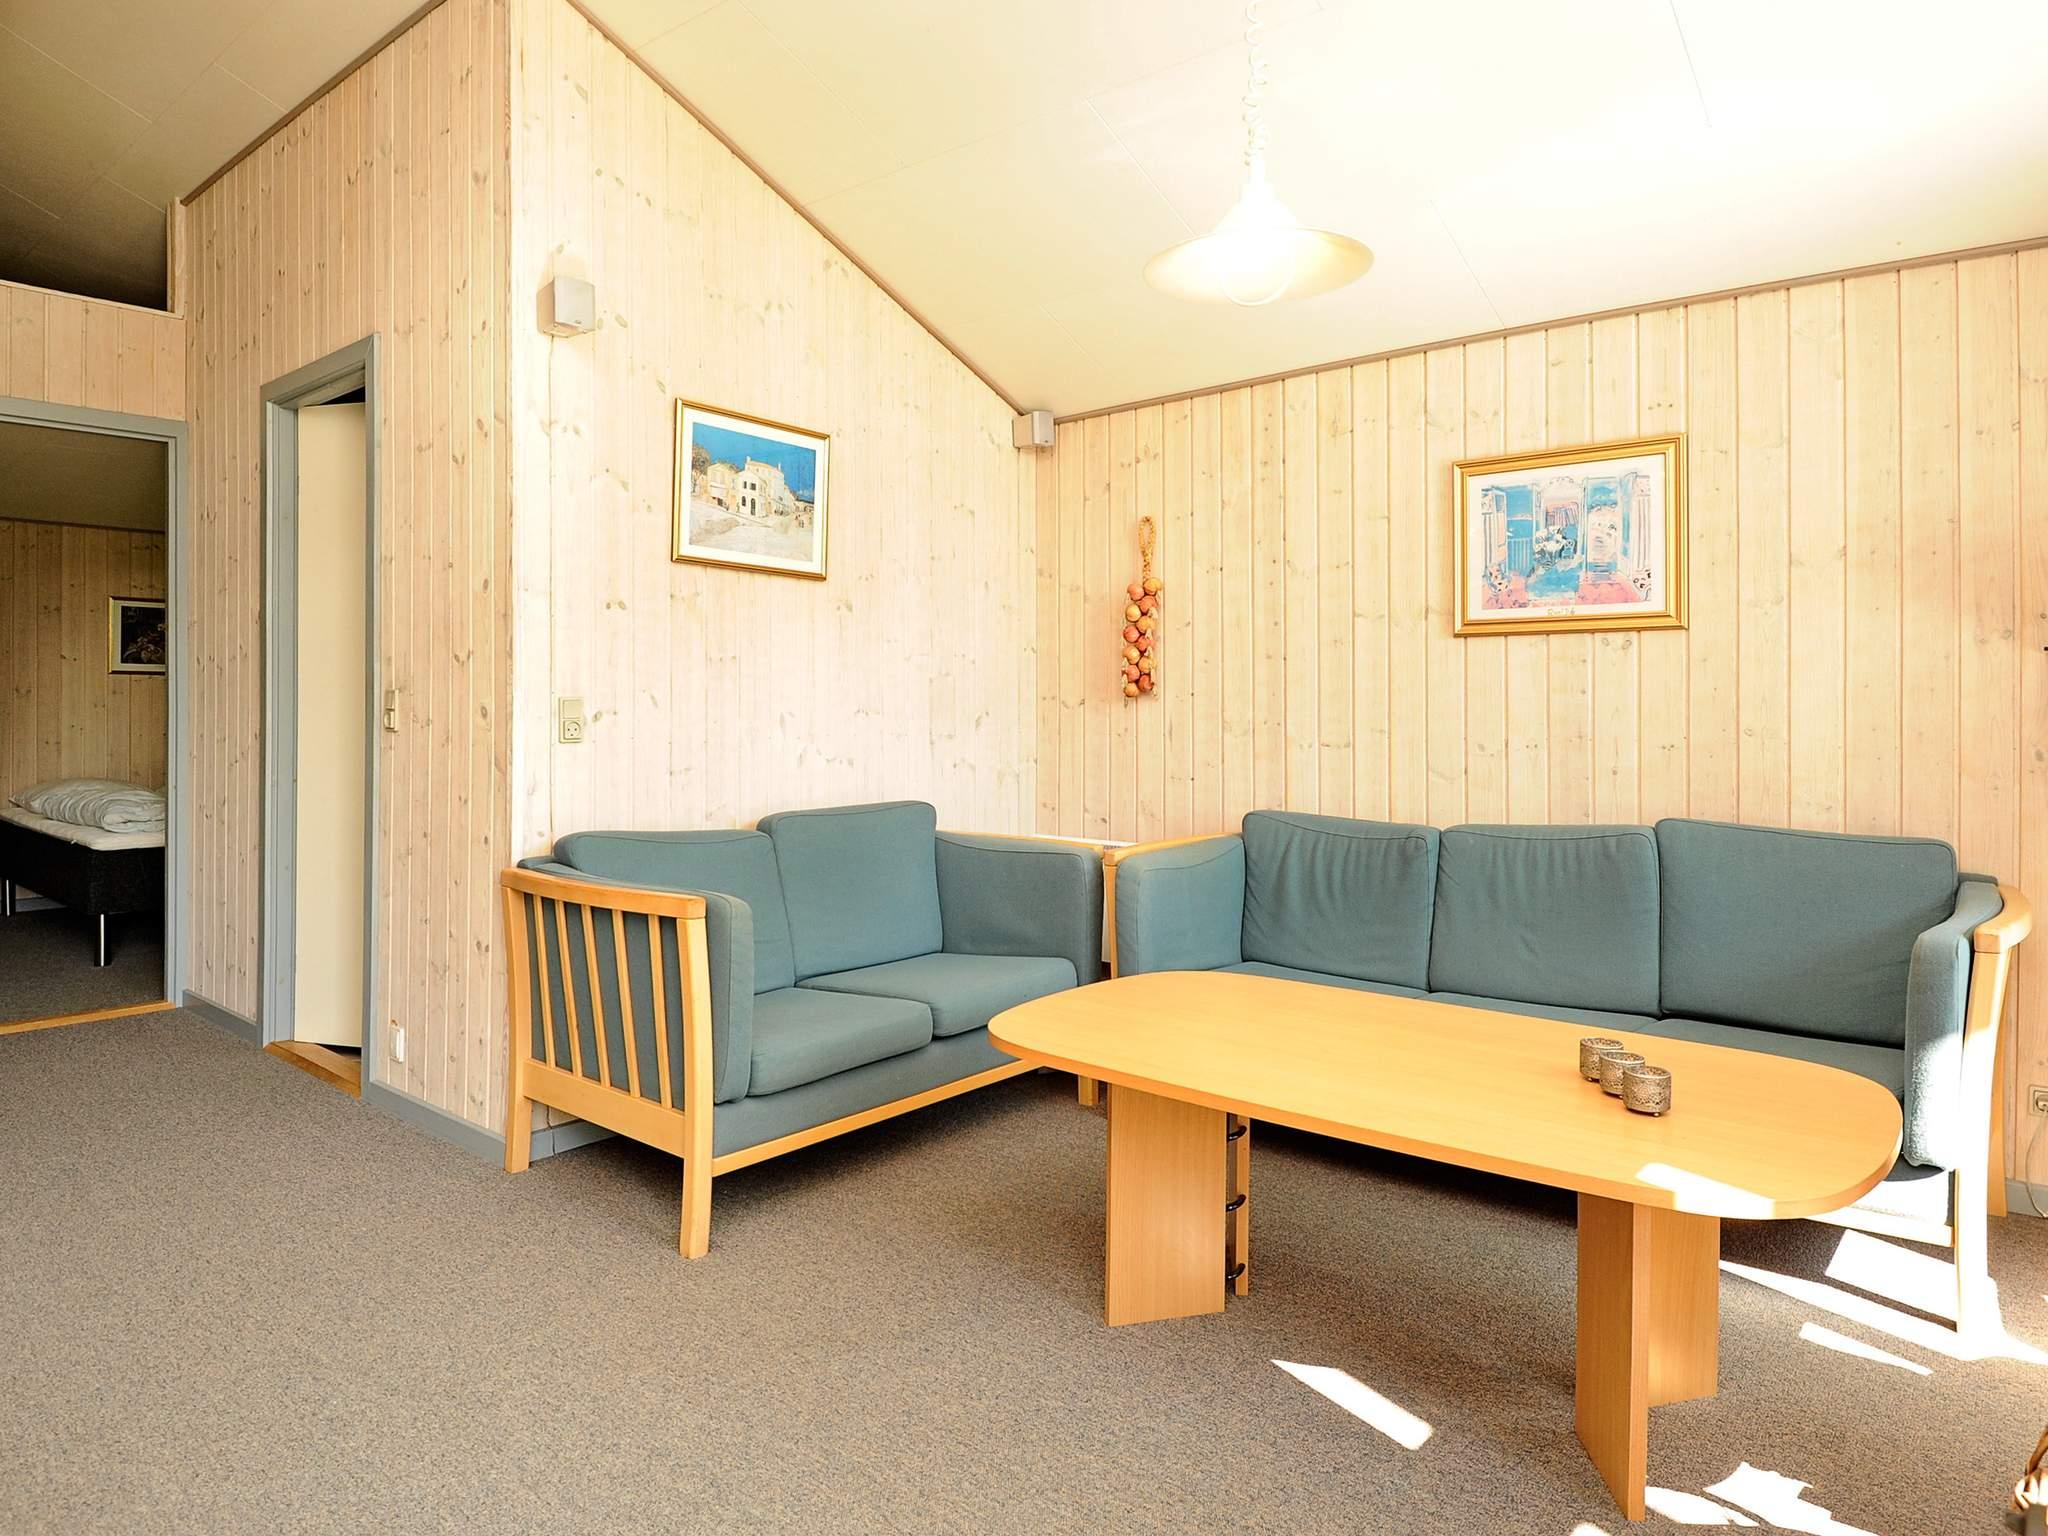 Ferienhaus Hvidbjerg (82128), Hvidbjerg, , Ostjütland, Dänemark, Bild 12